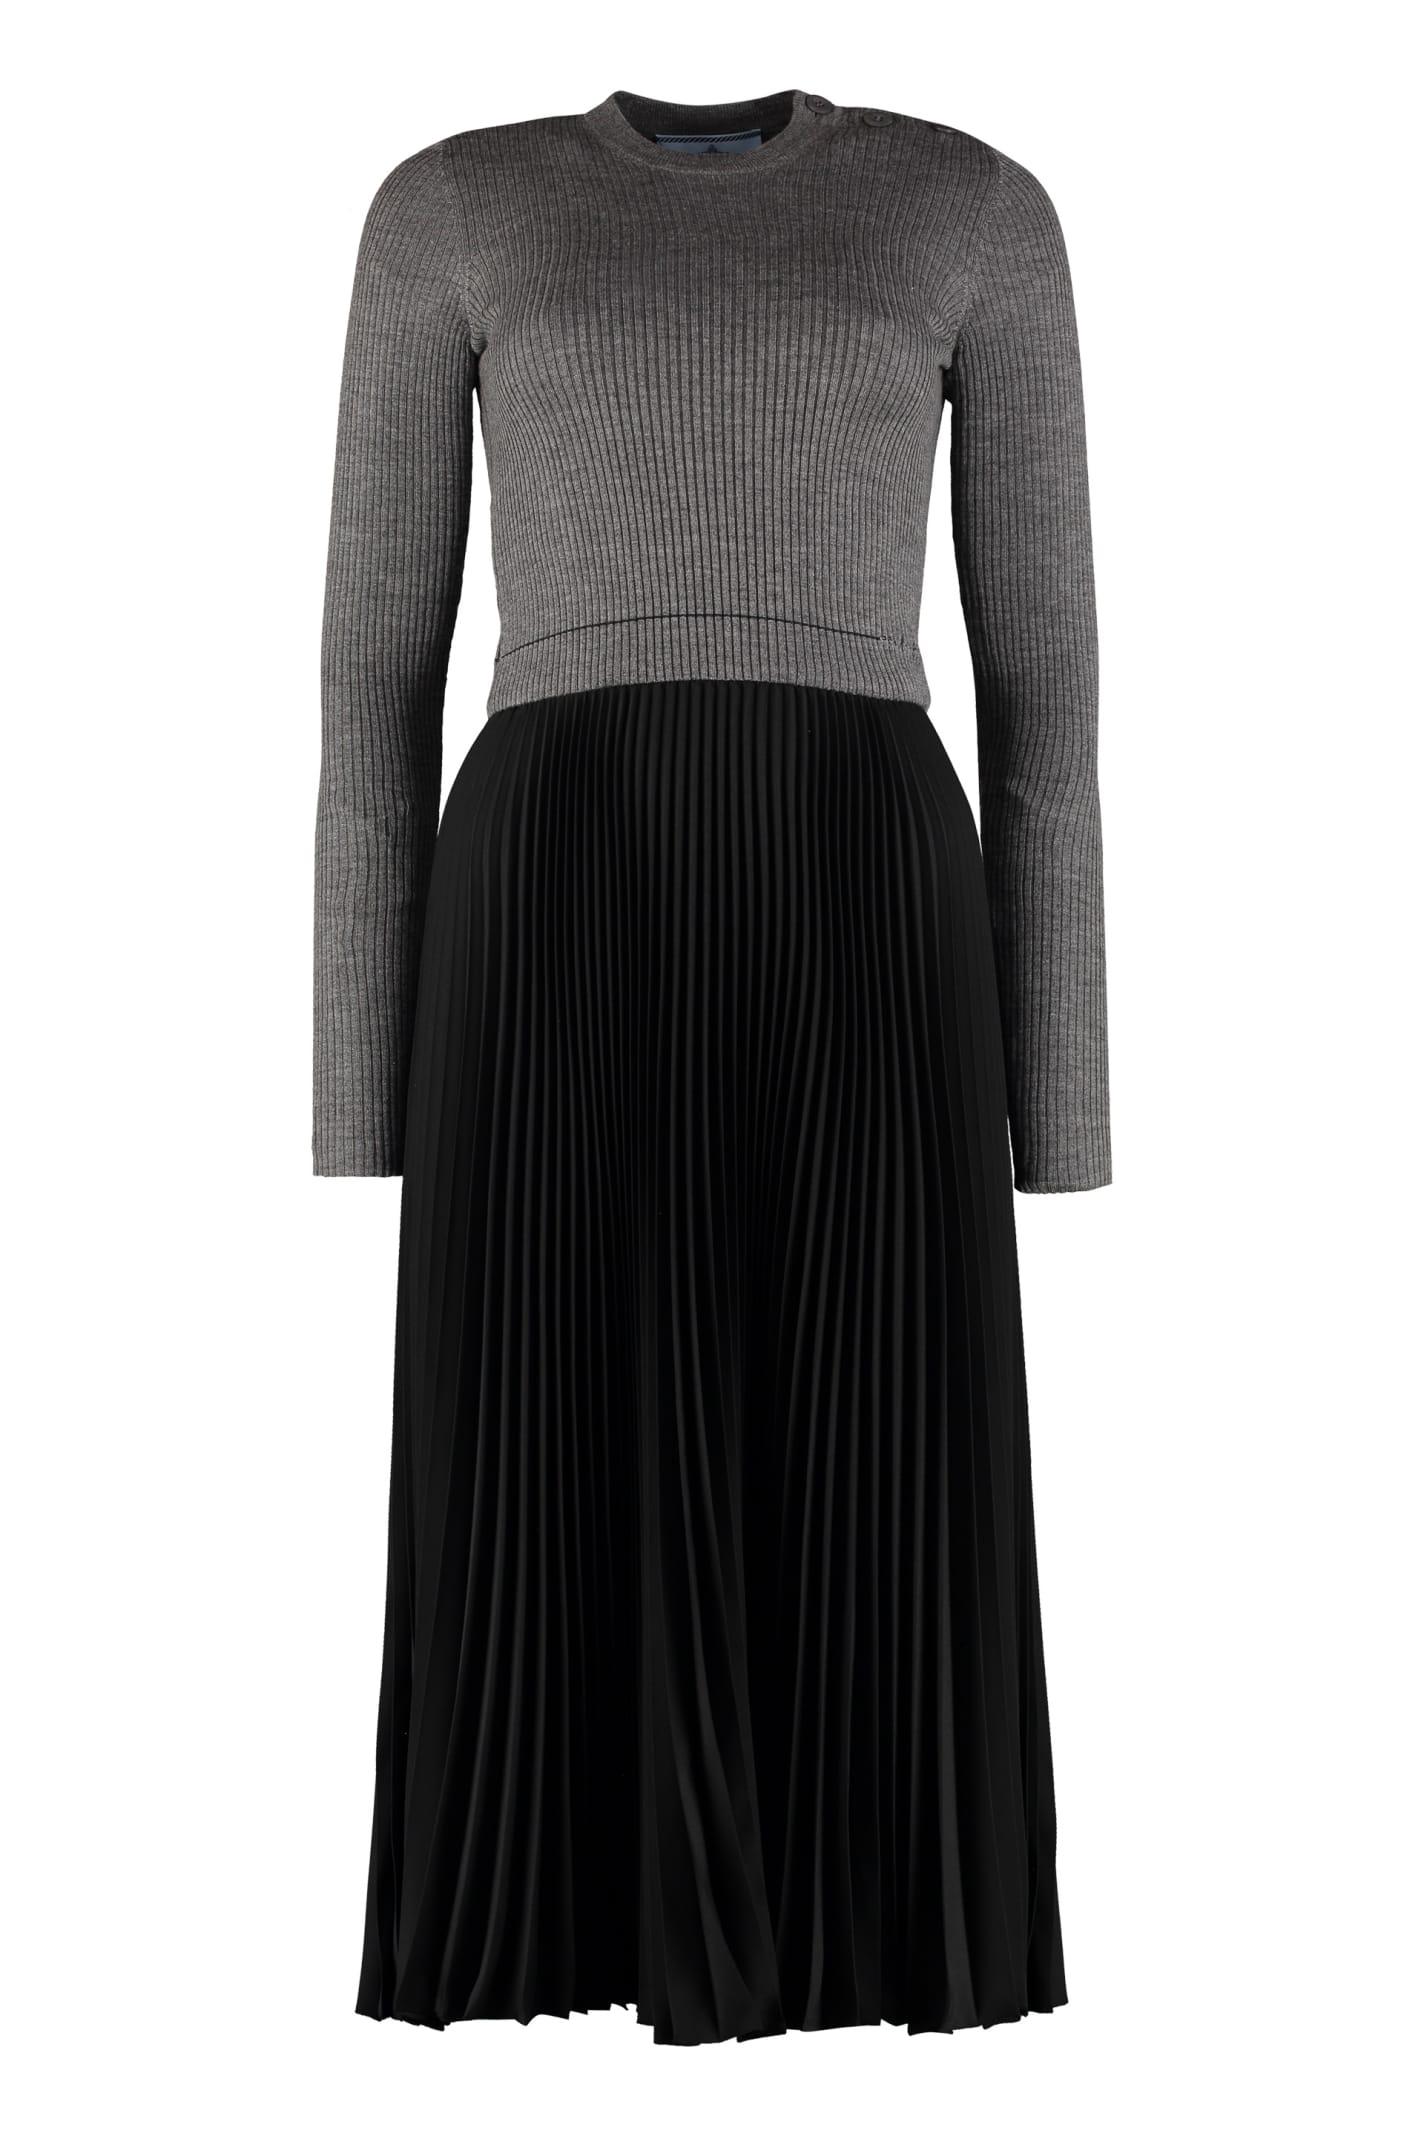 Prada Pleated Skirt Dress